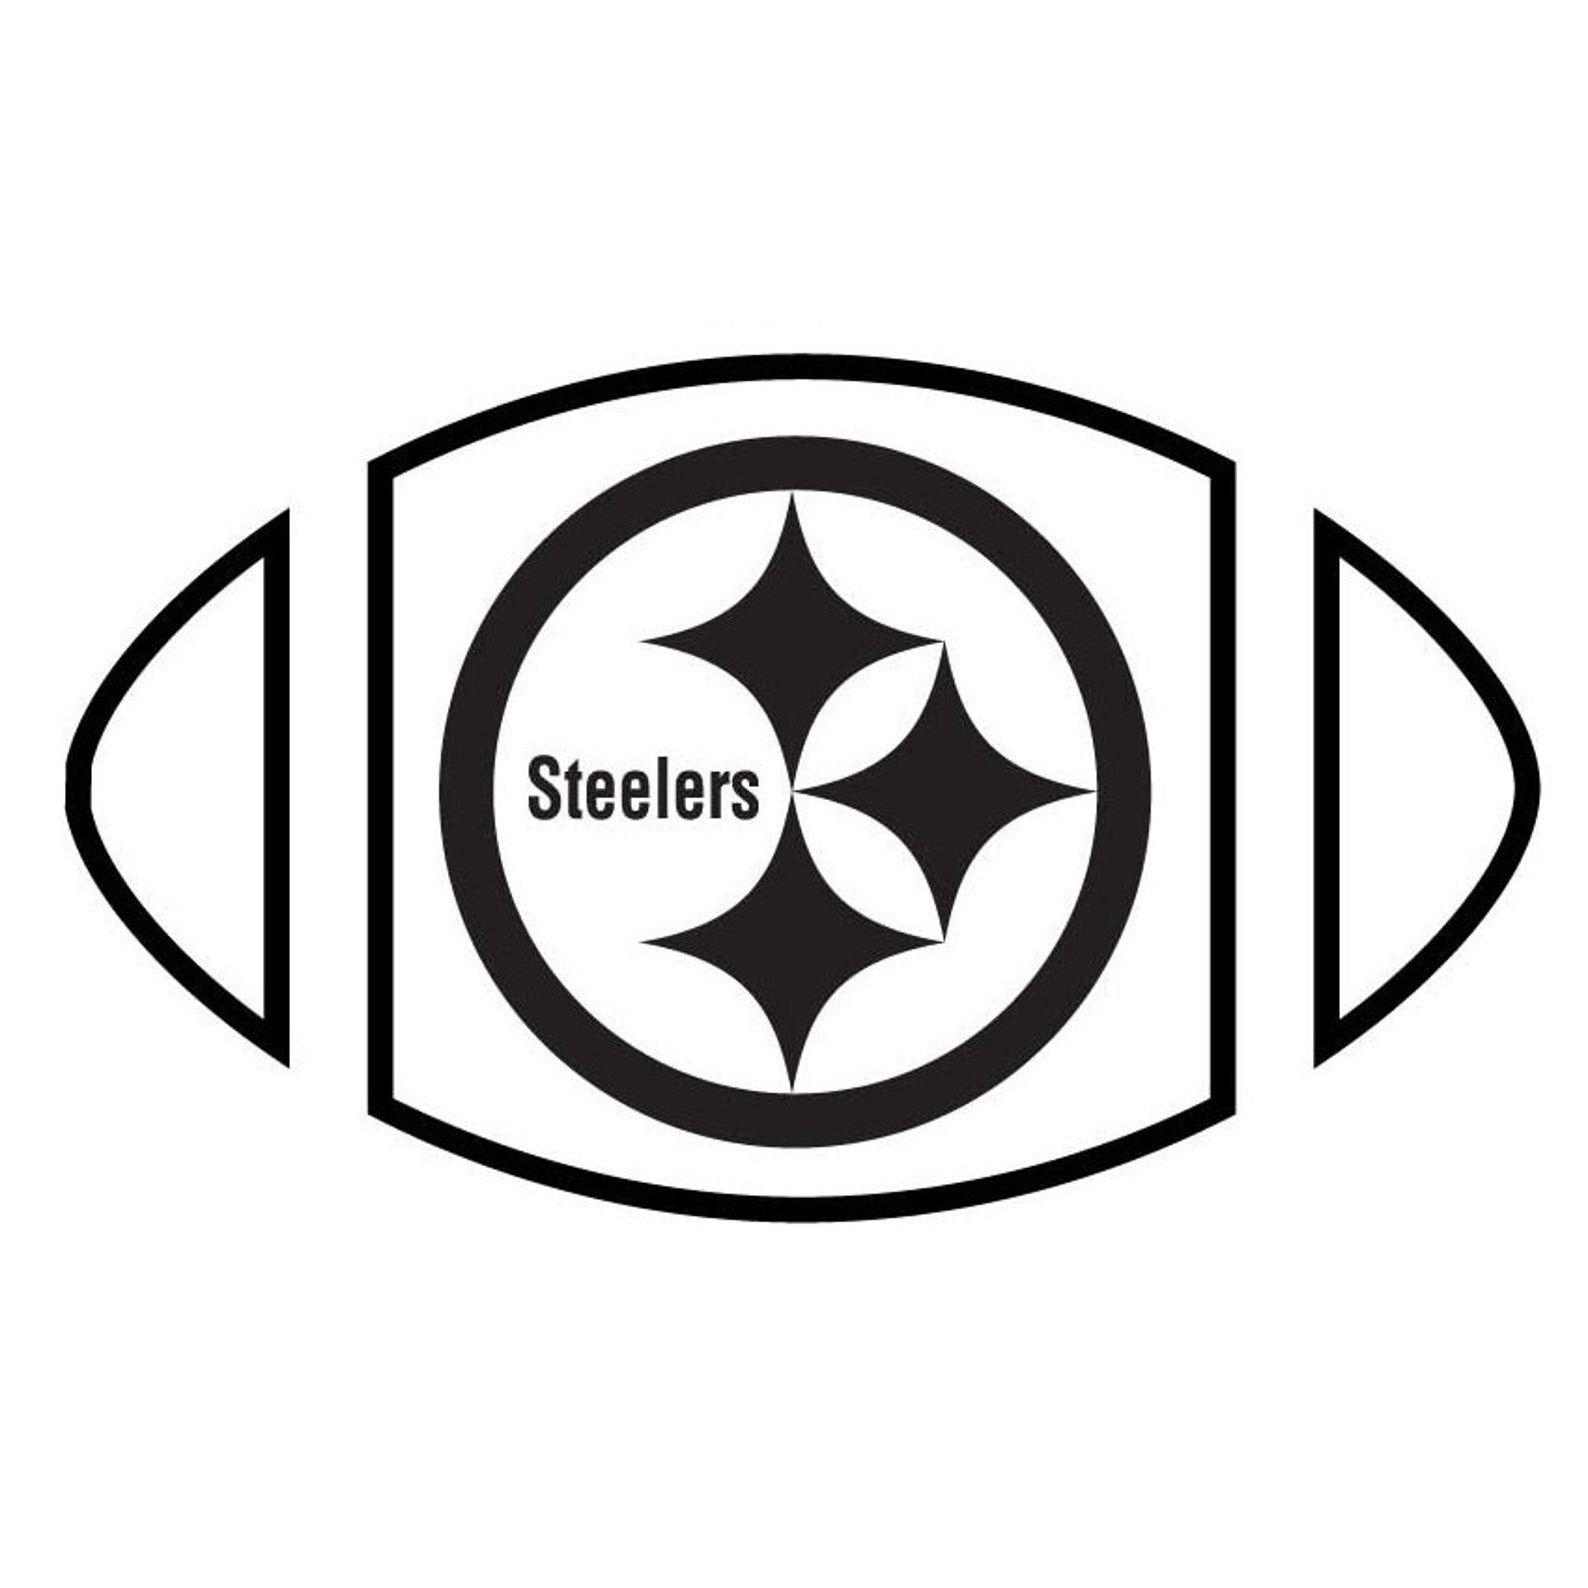 Pittsburgh Steelers Bumper Sticker Bumper Sticker Size Bumper Stickers Steelers [ 1000 x 1000 Pixel ]